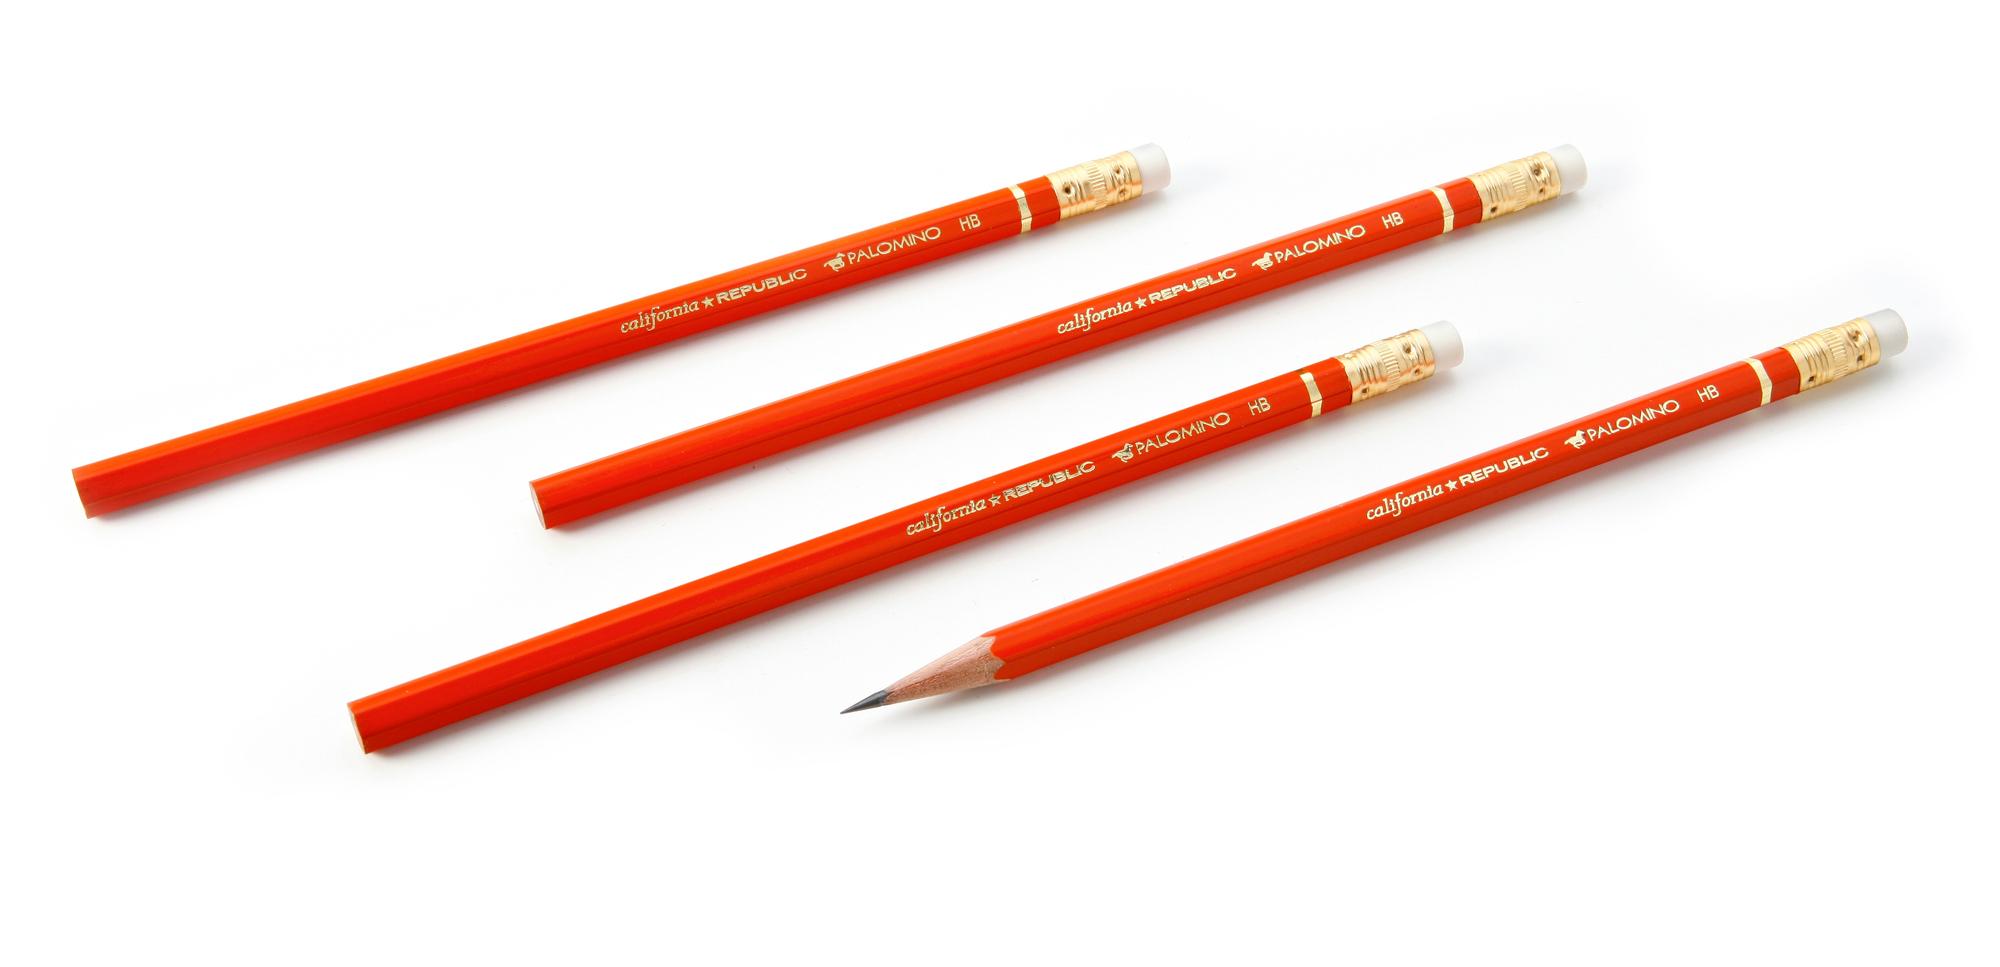 Palomino Orange Eraser-Tipped HB Pencil - Palomino